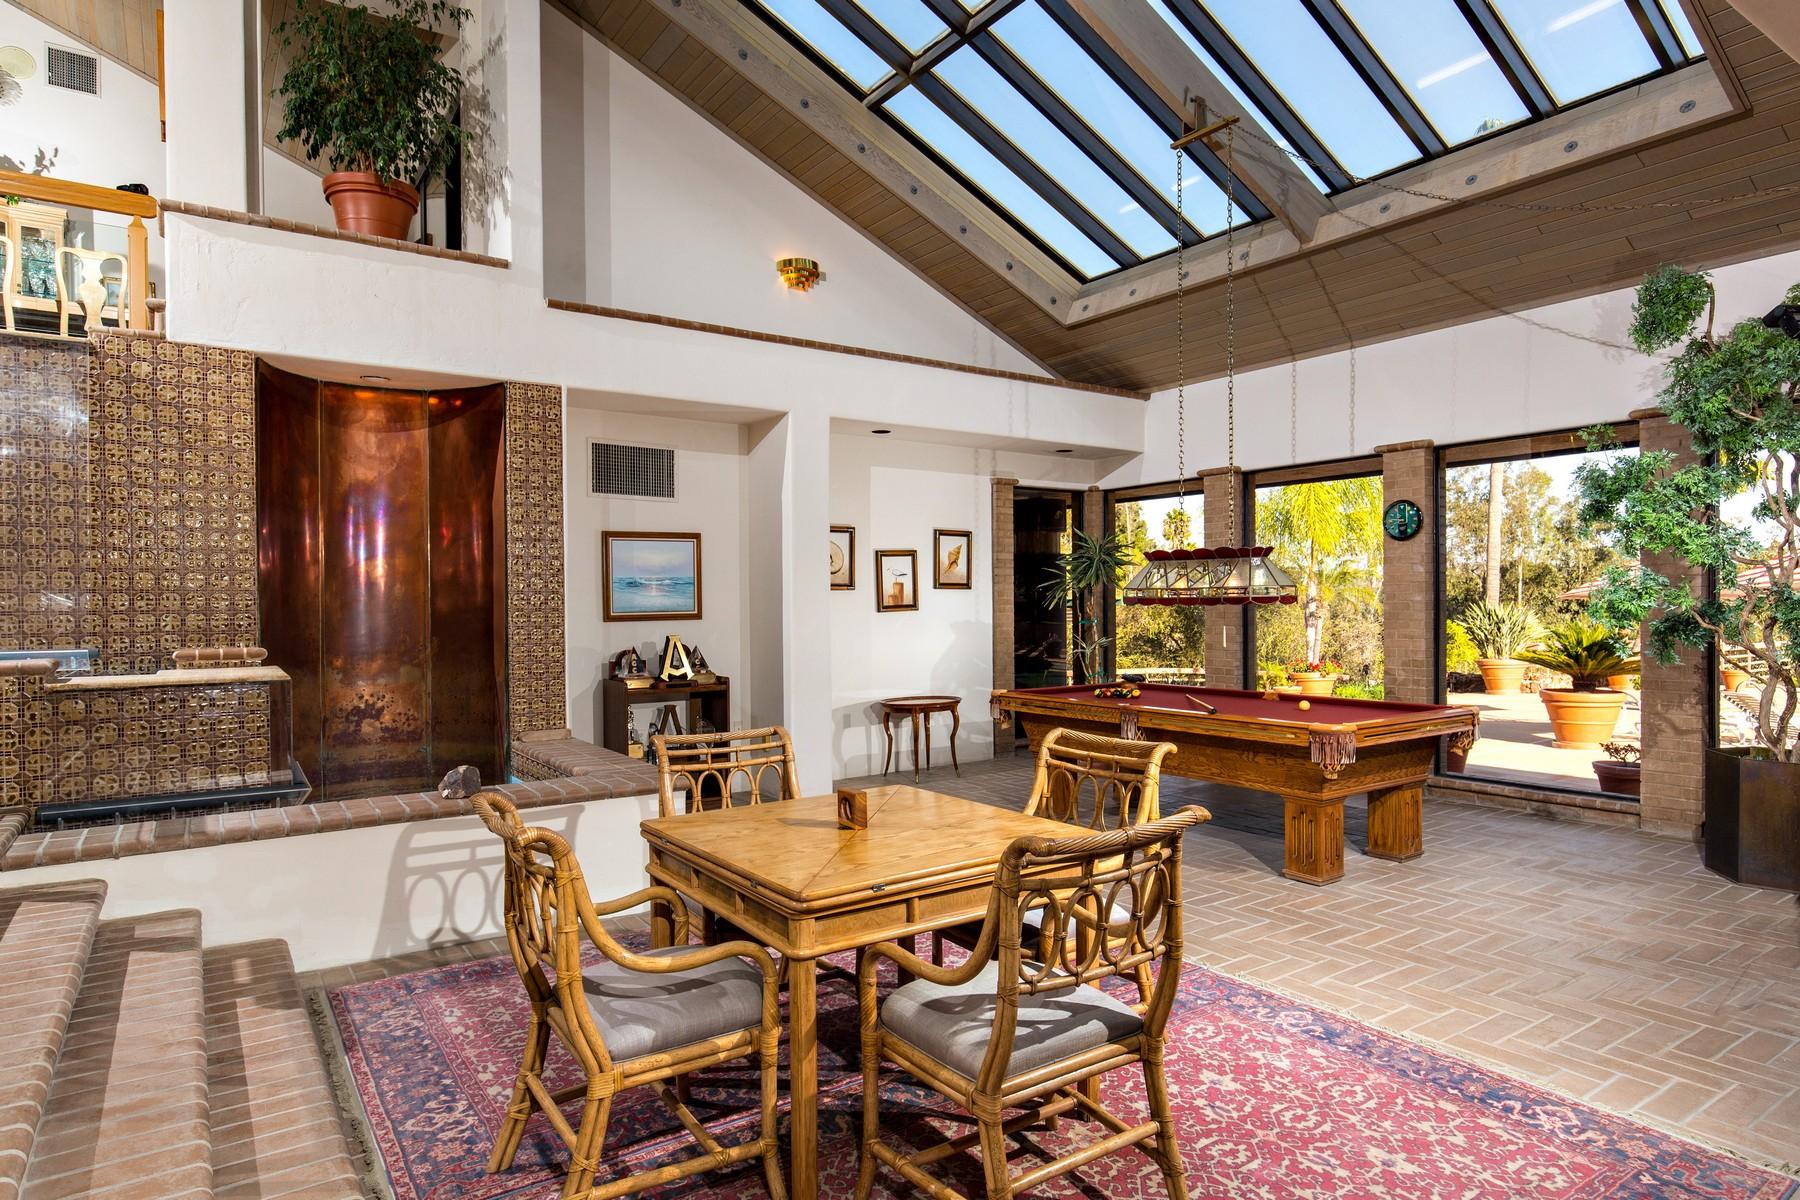 一戸建て のために 売買 アット 7033 Las Colinas Rancho Santa Fe, カリフォルニア, 92067 アメリカ合衆国